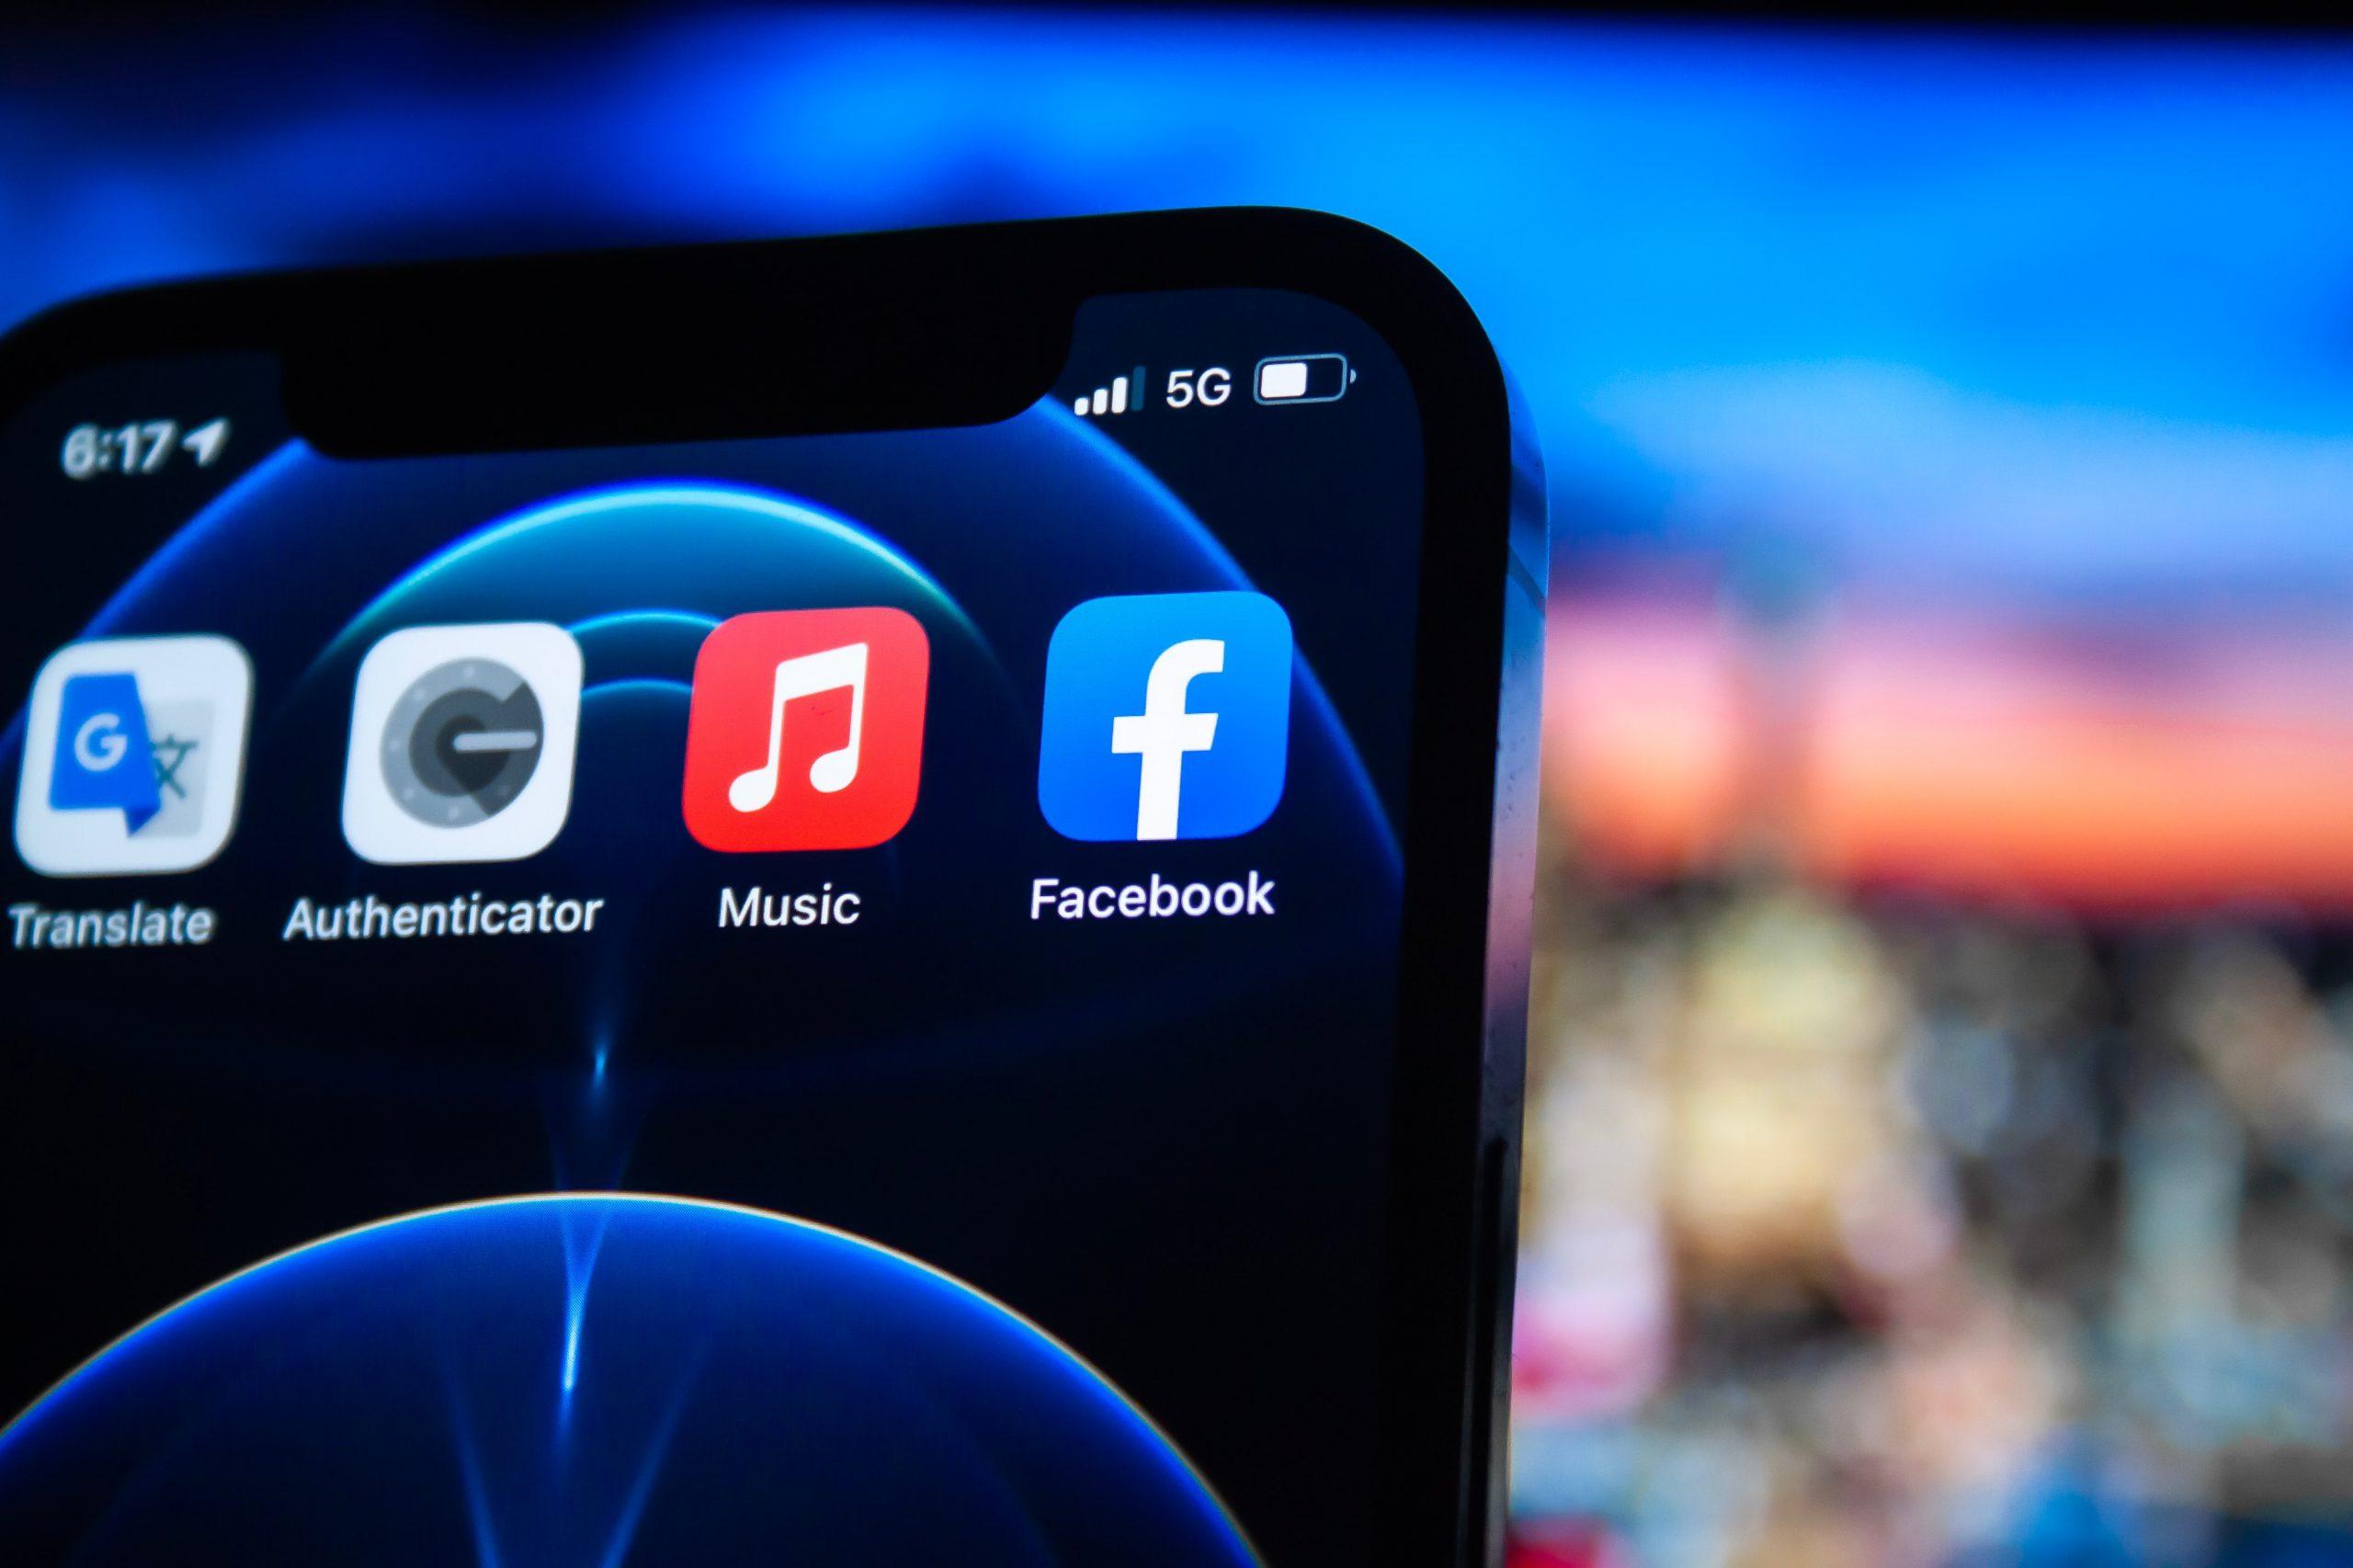 Rekomendasi Handphone 5G Dengan Harga 2 jutaan